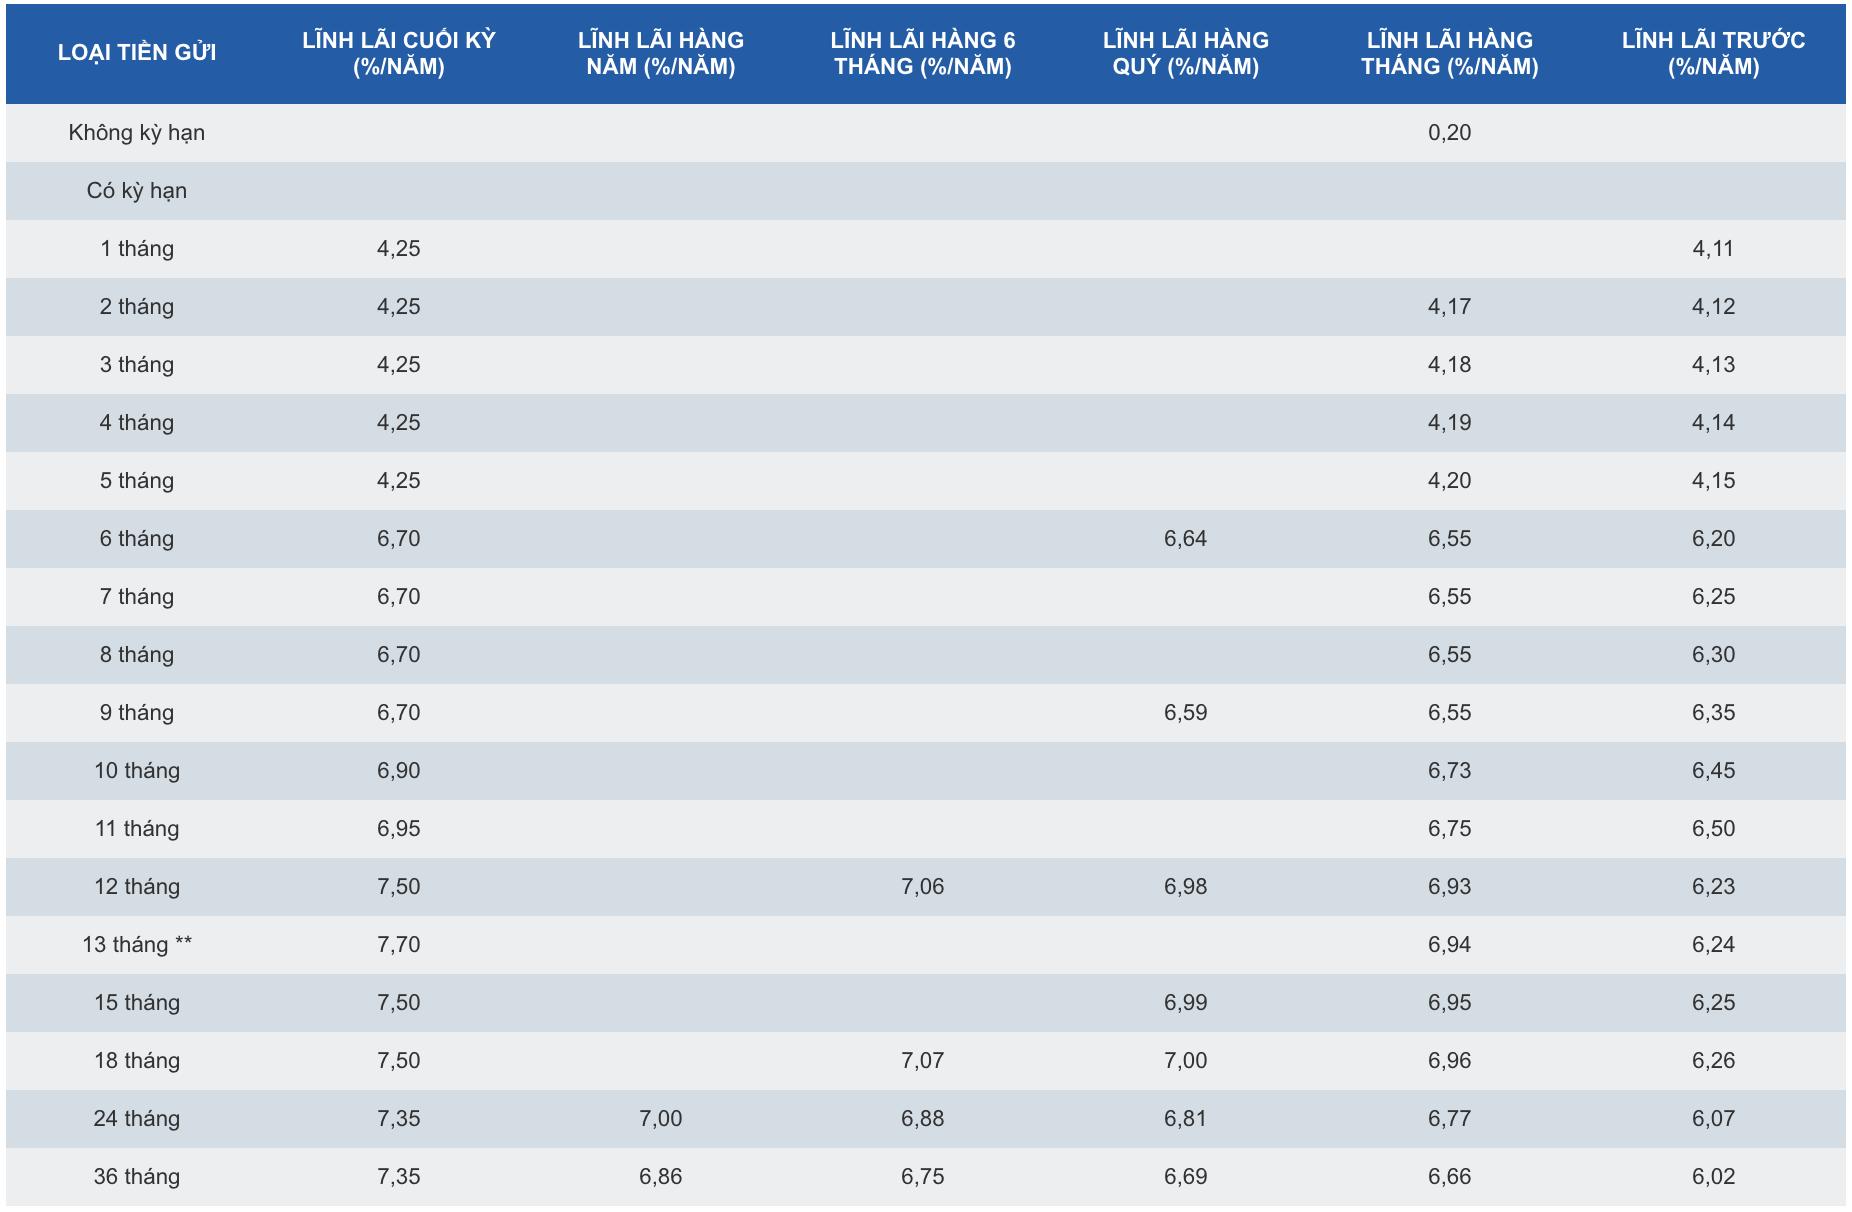 Lãi suất ngân hàng SCB tháng 7/2020: Cao nhất là 8,05%/năm - Ảnh 1.